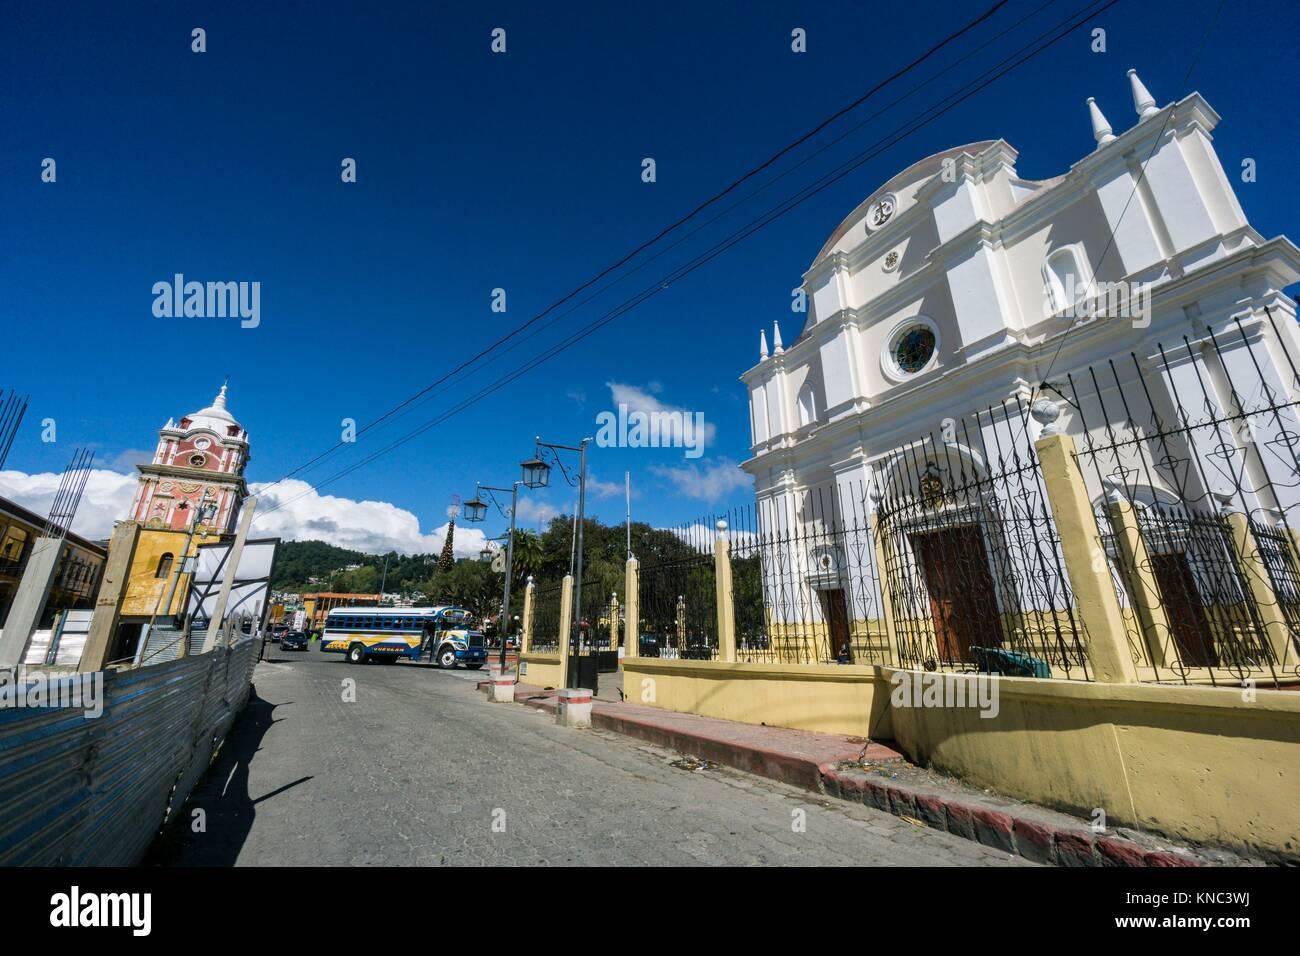 Catedral de Nuestra Señora de la Asunción de Sololá, Sololá, departamento de Sololá, lago - Stock Image